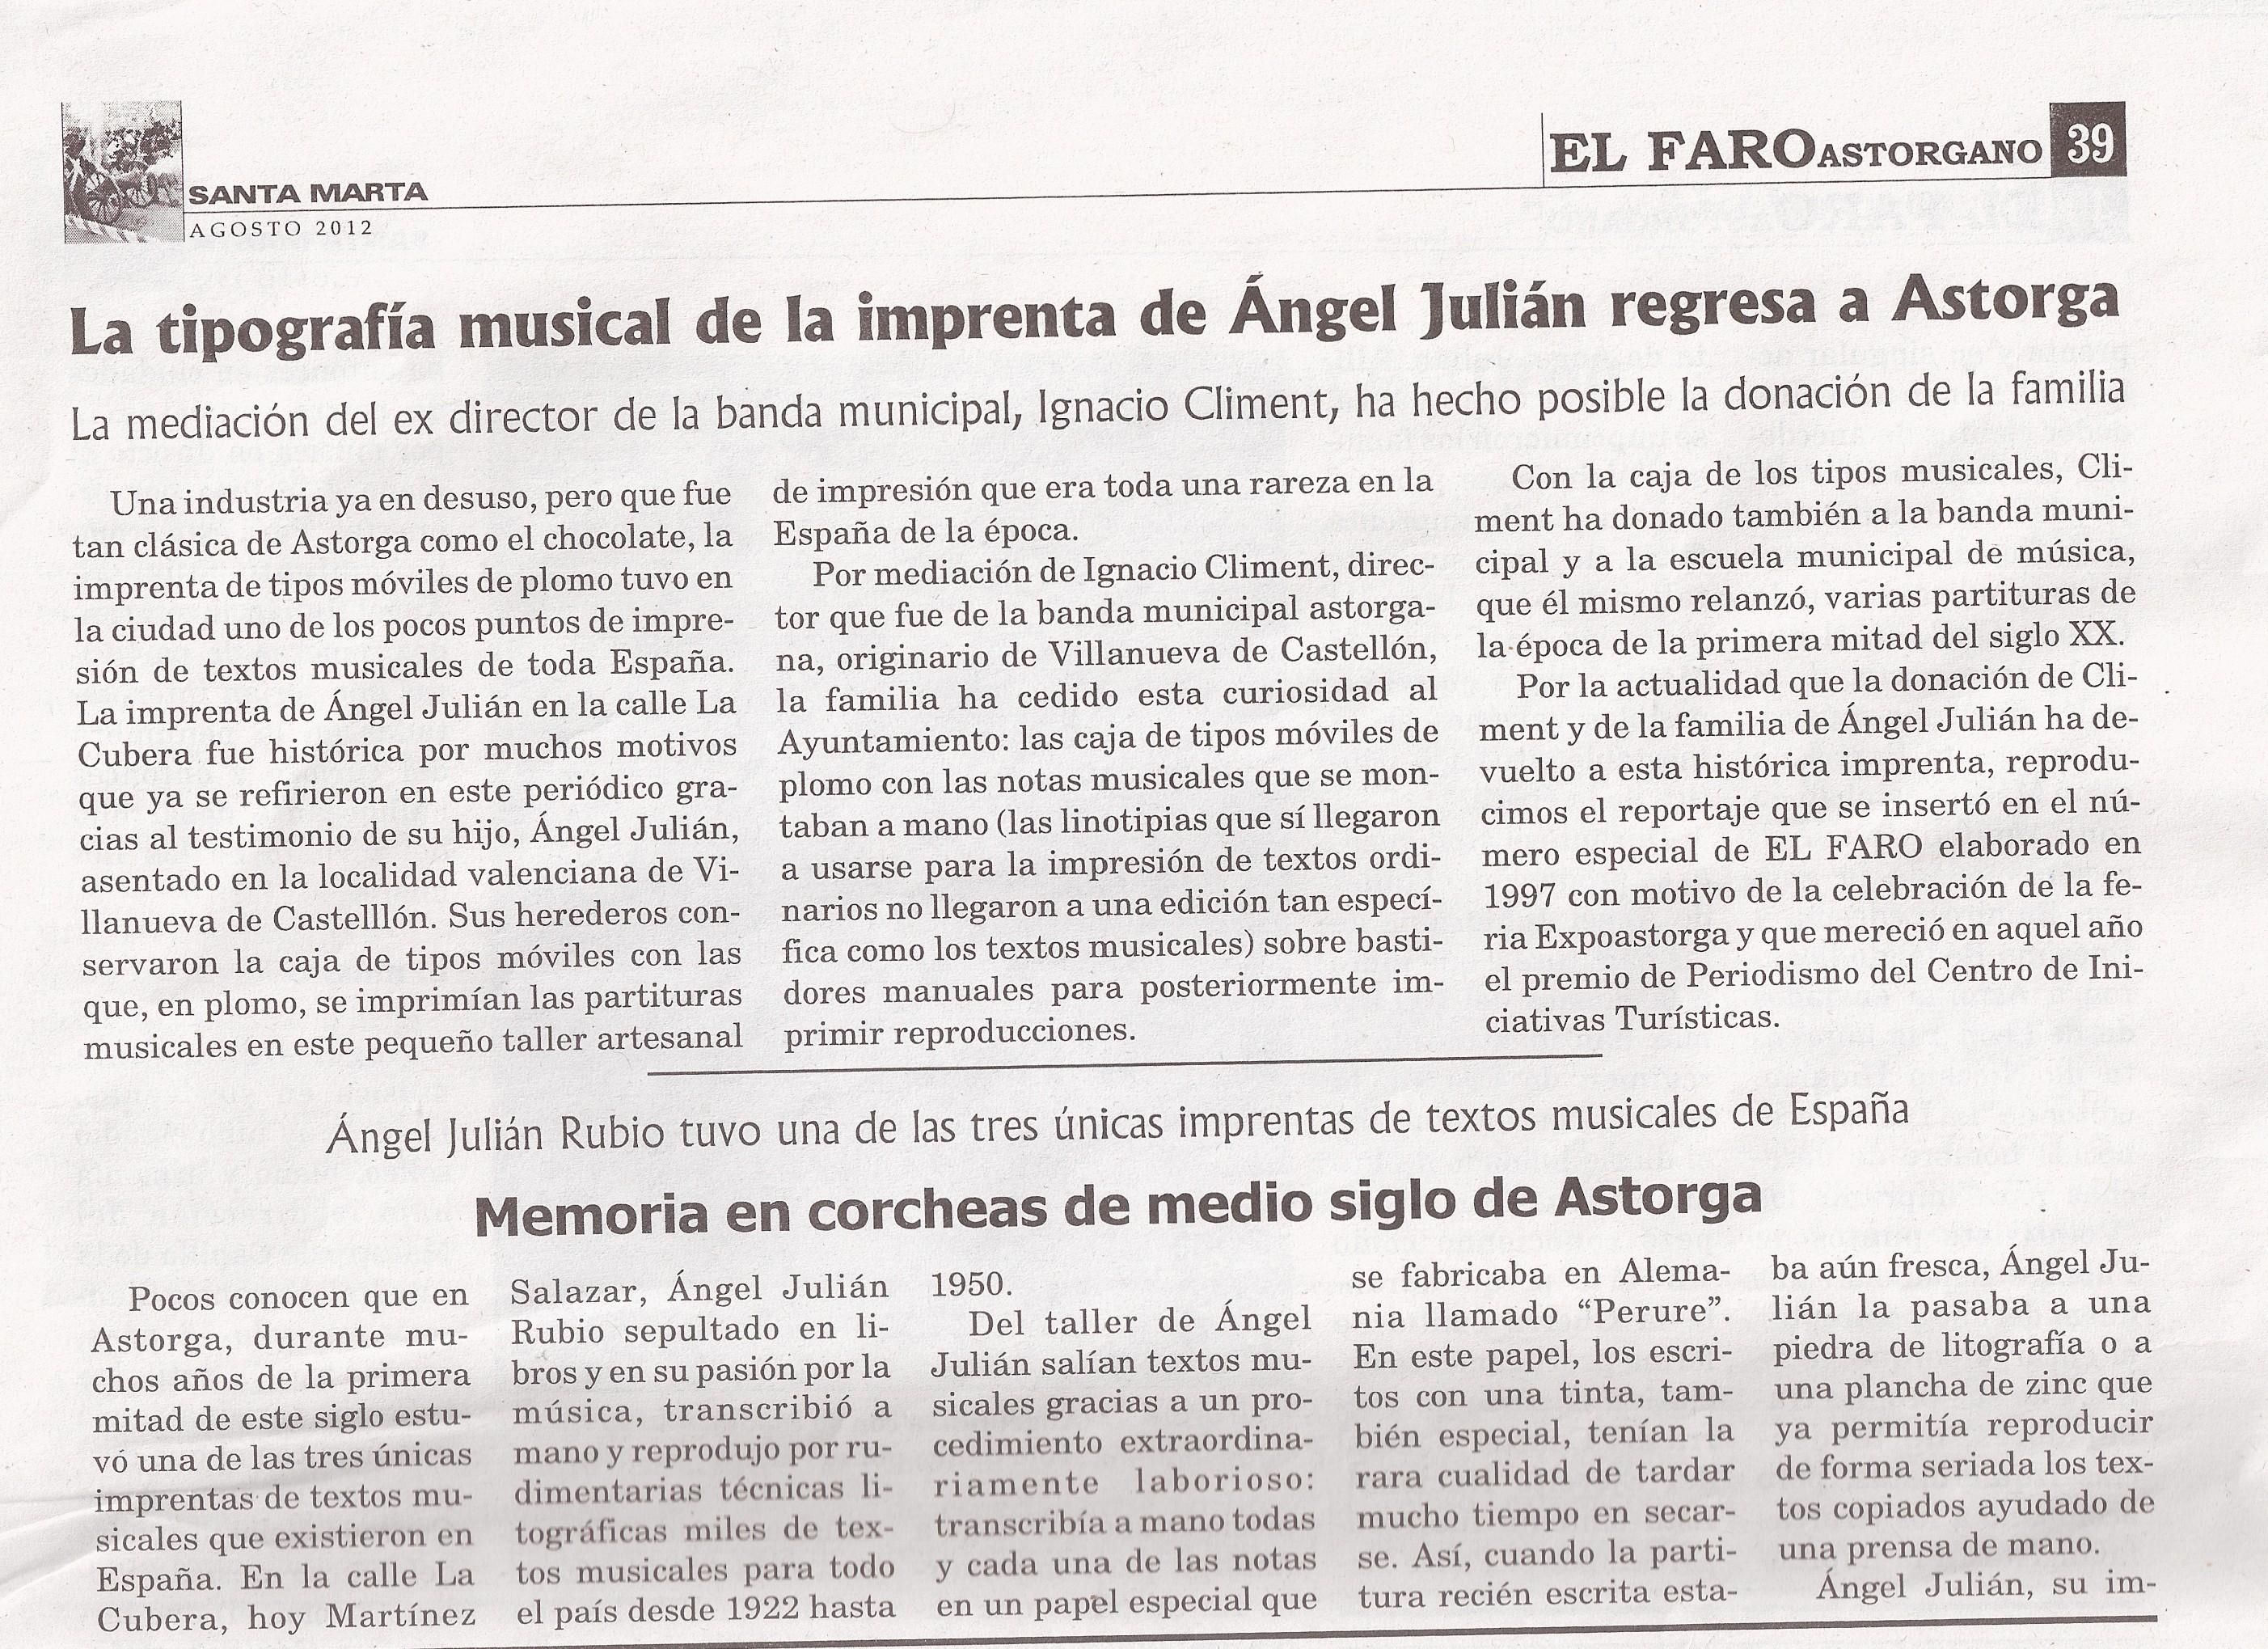 La tipografía musical de la imprenta de Ángel Julián regresa a Astorga